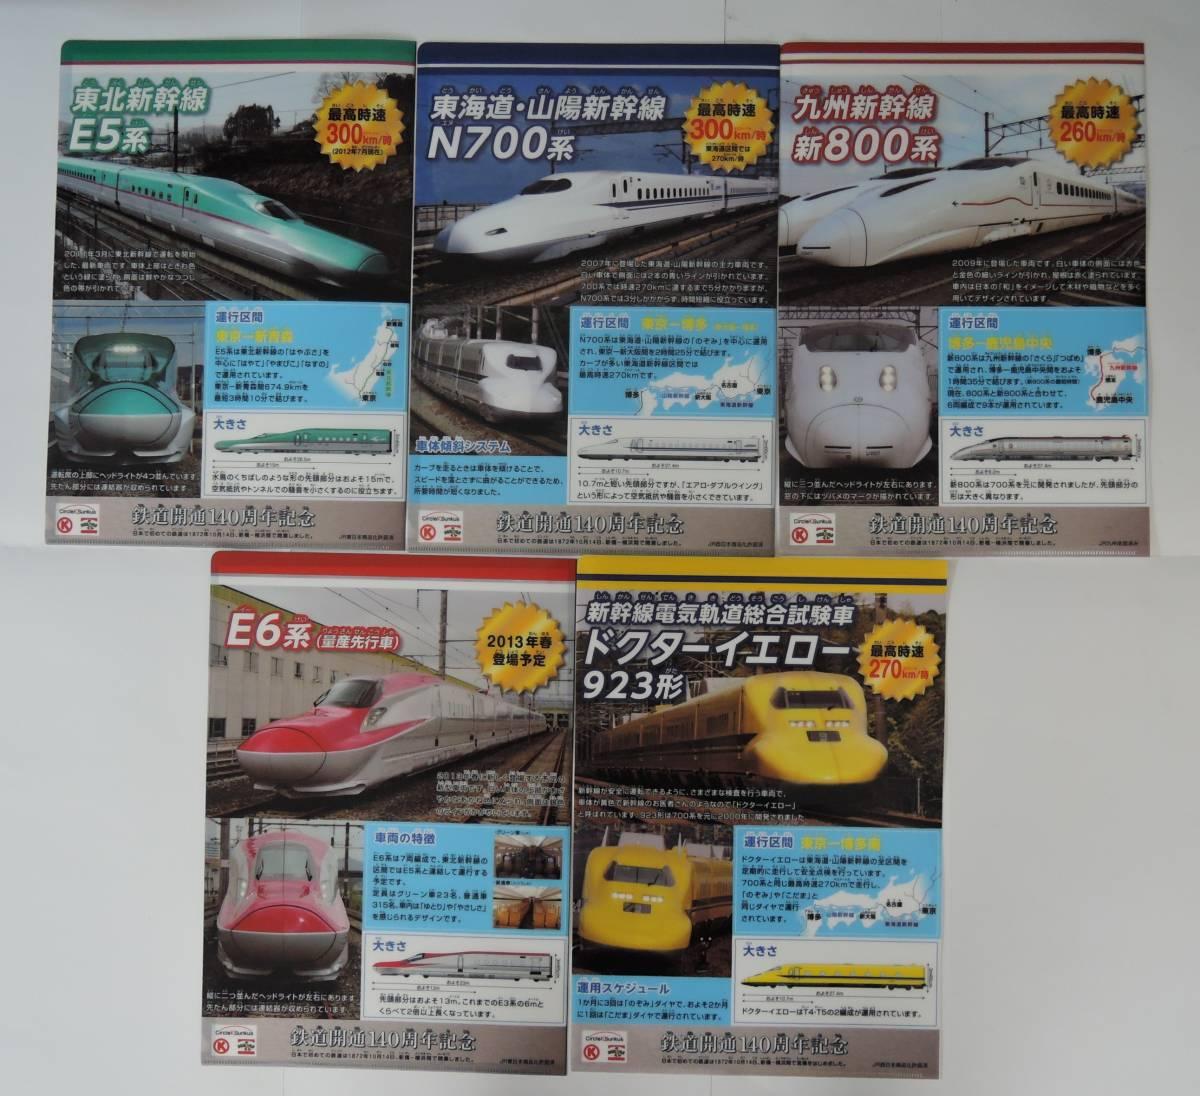 003-1■サークルK 鉄道開業140周年記念 新幹線クリアファイル全5種類■未使用_画像1